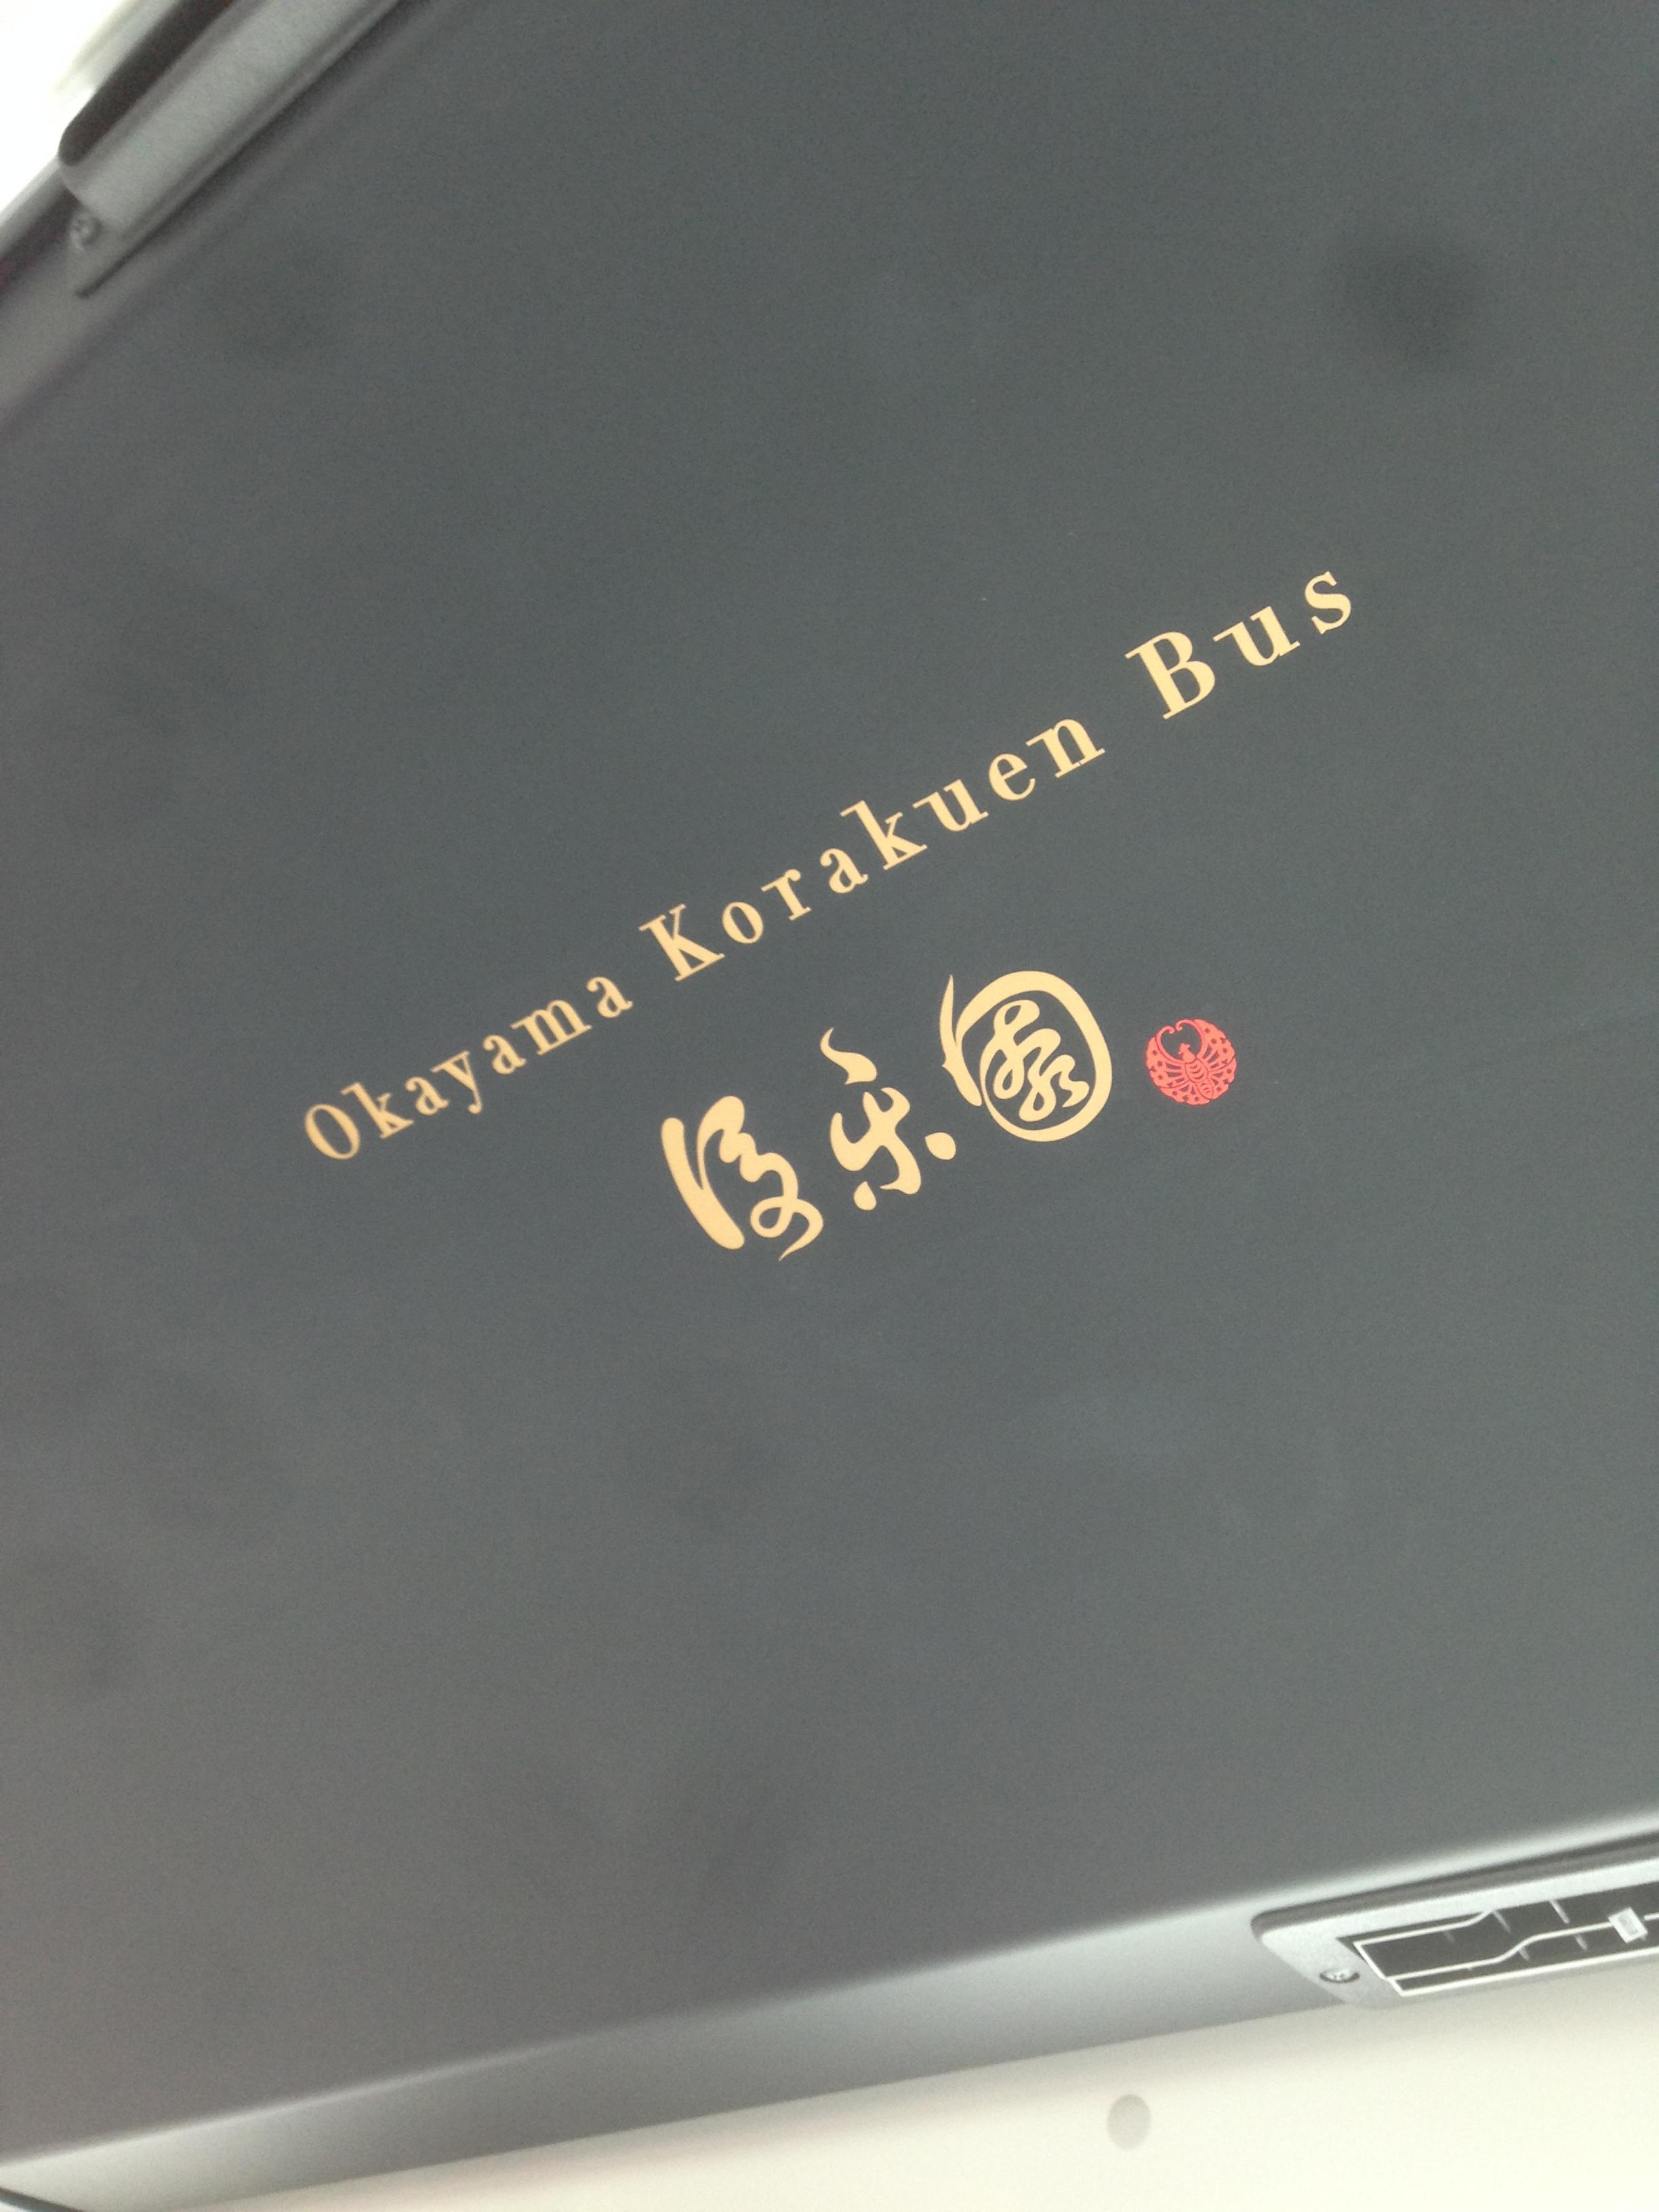 宇野バス_後楽園ノンストップバス_ロゴ